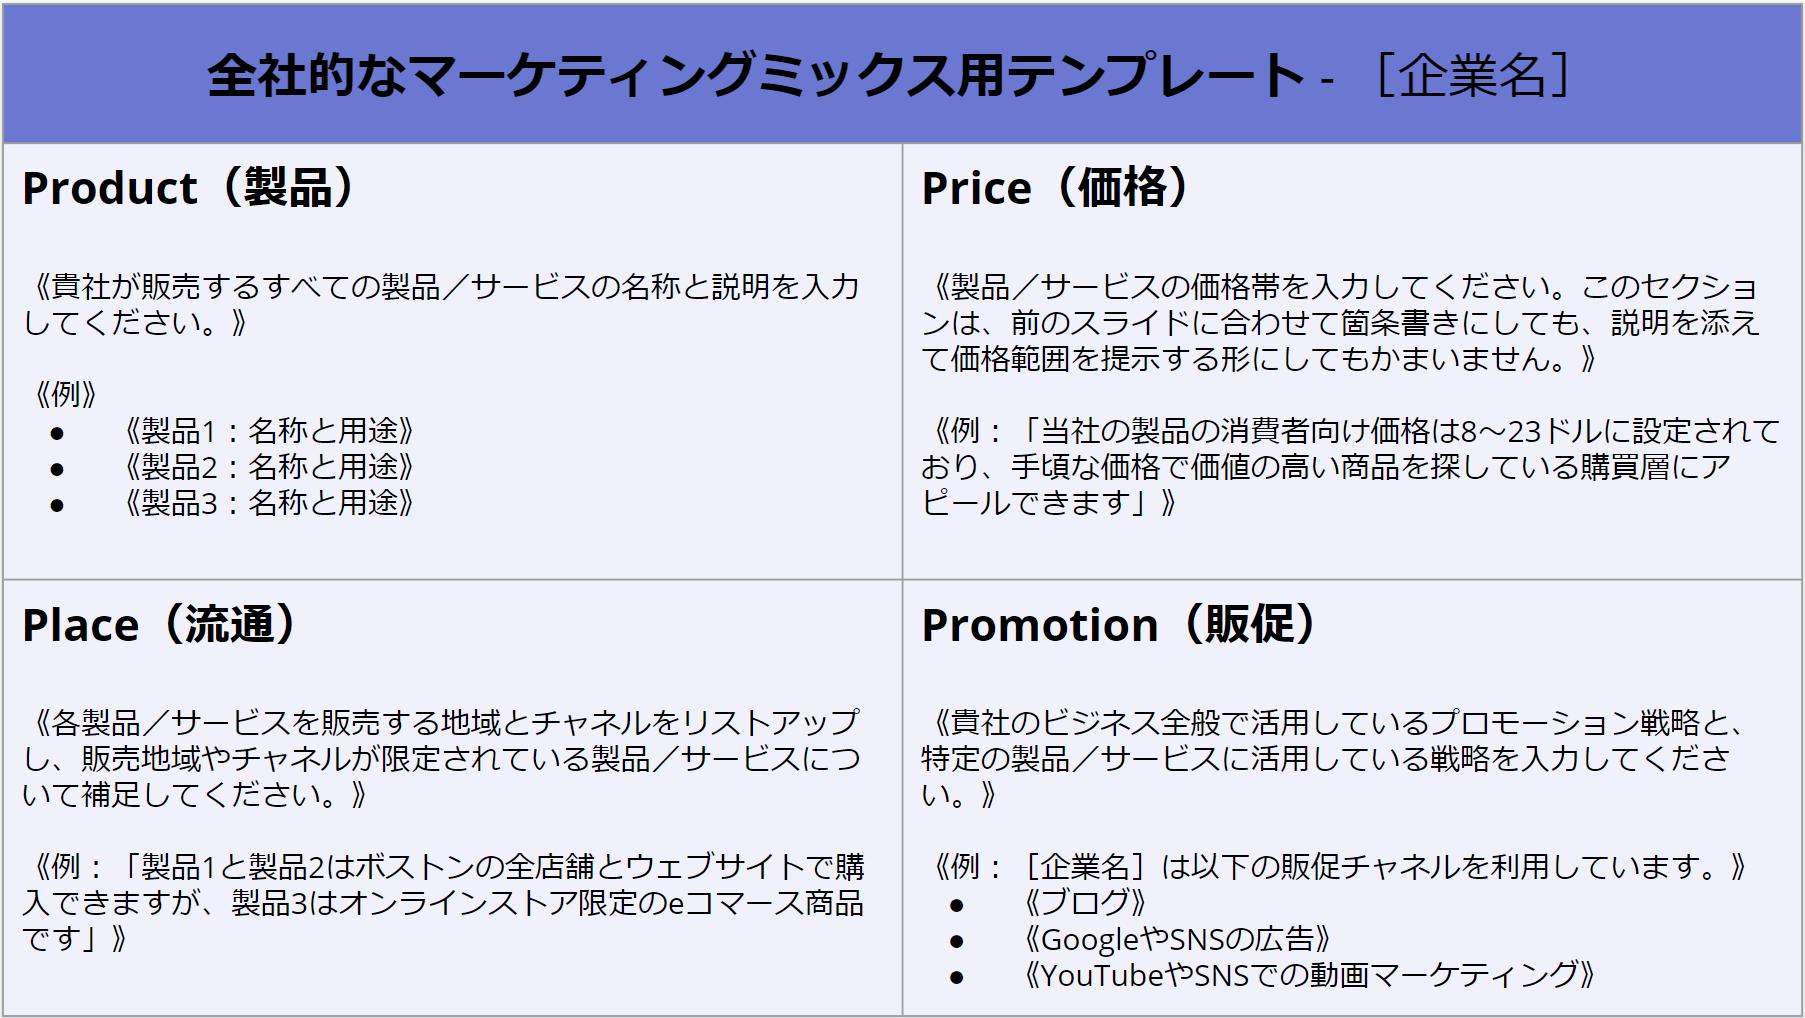 マーケティングミックス用テンプレート_02